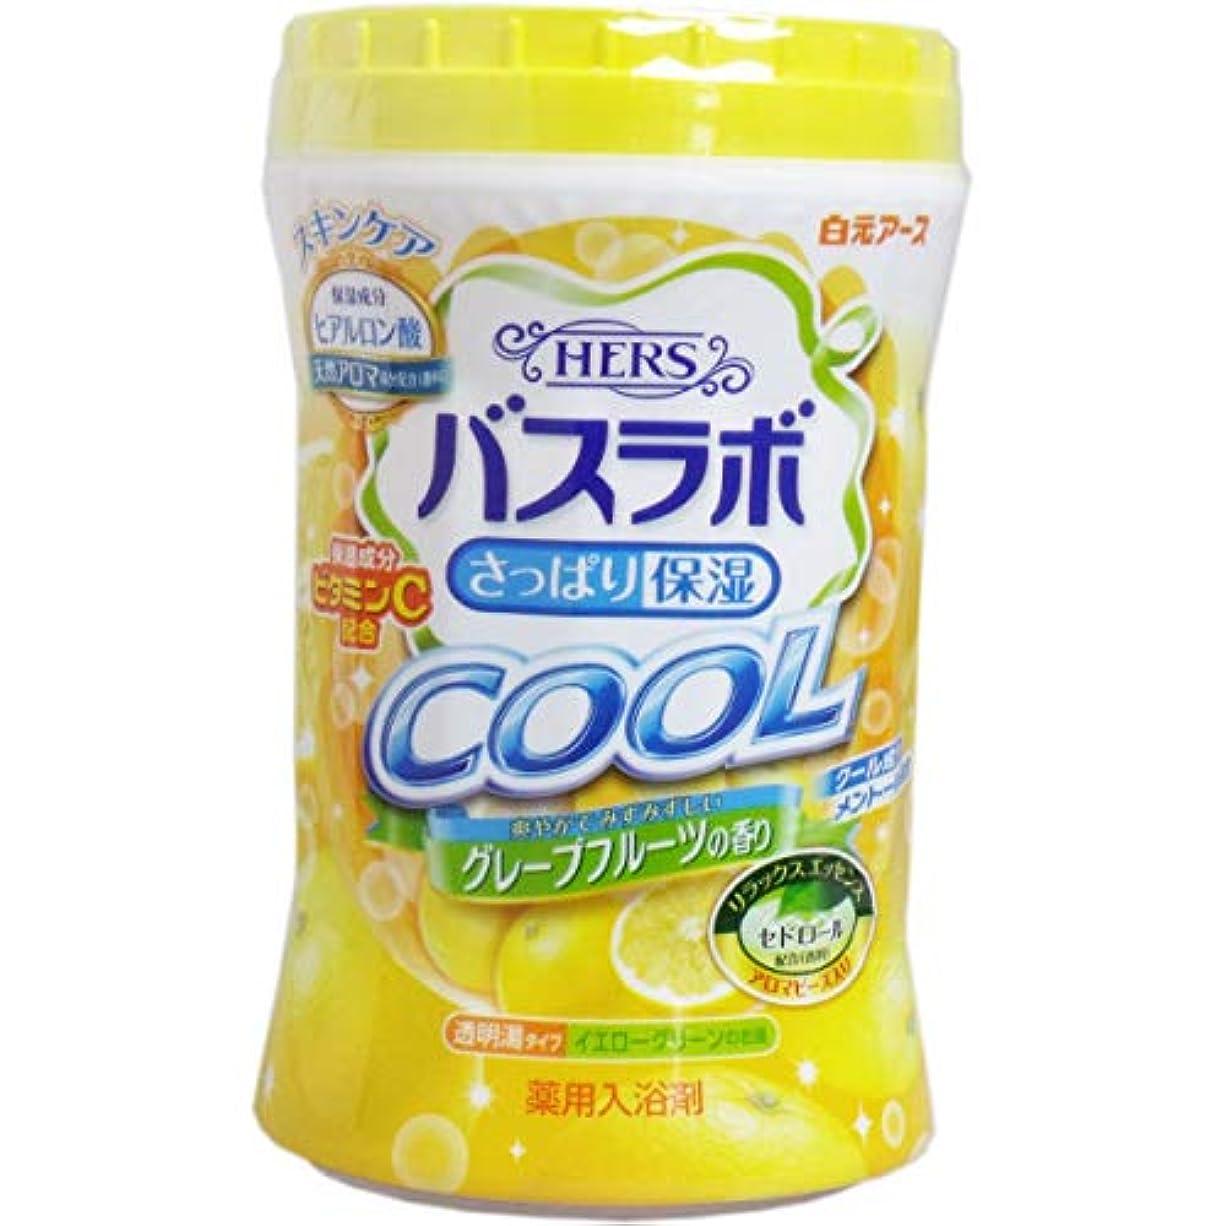 けん引フルート義務HERSバスラボ ボトル クール グレープフルーツの香り 640g × 15点